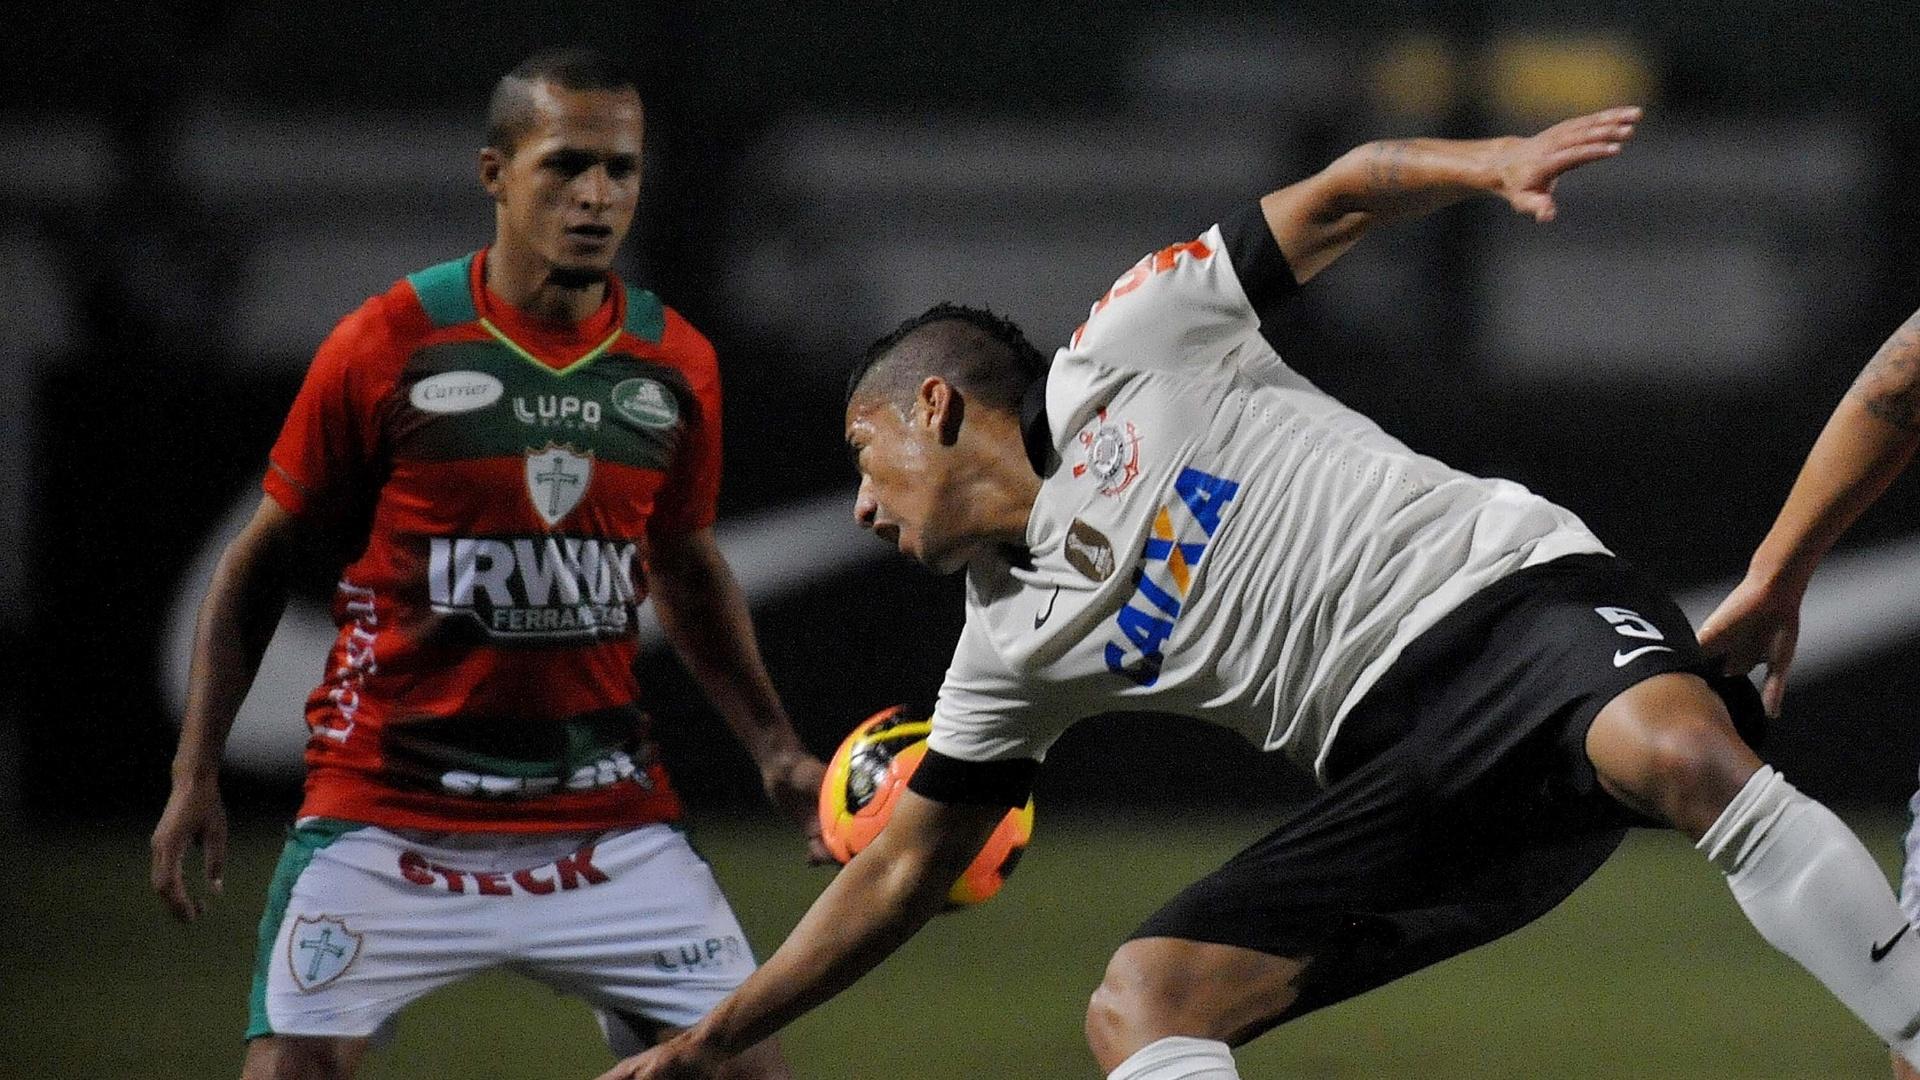 08.jun.2013 - Volante Ralf (d), do Corinthians, disputa posse de bola com meia Souza, da Portuguesa, durante jogo pelo Campeonato Brasileiro